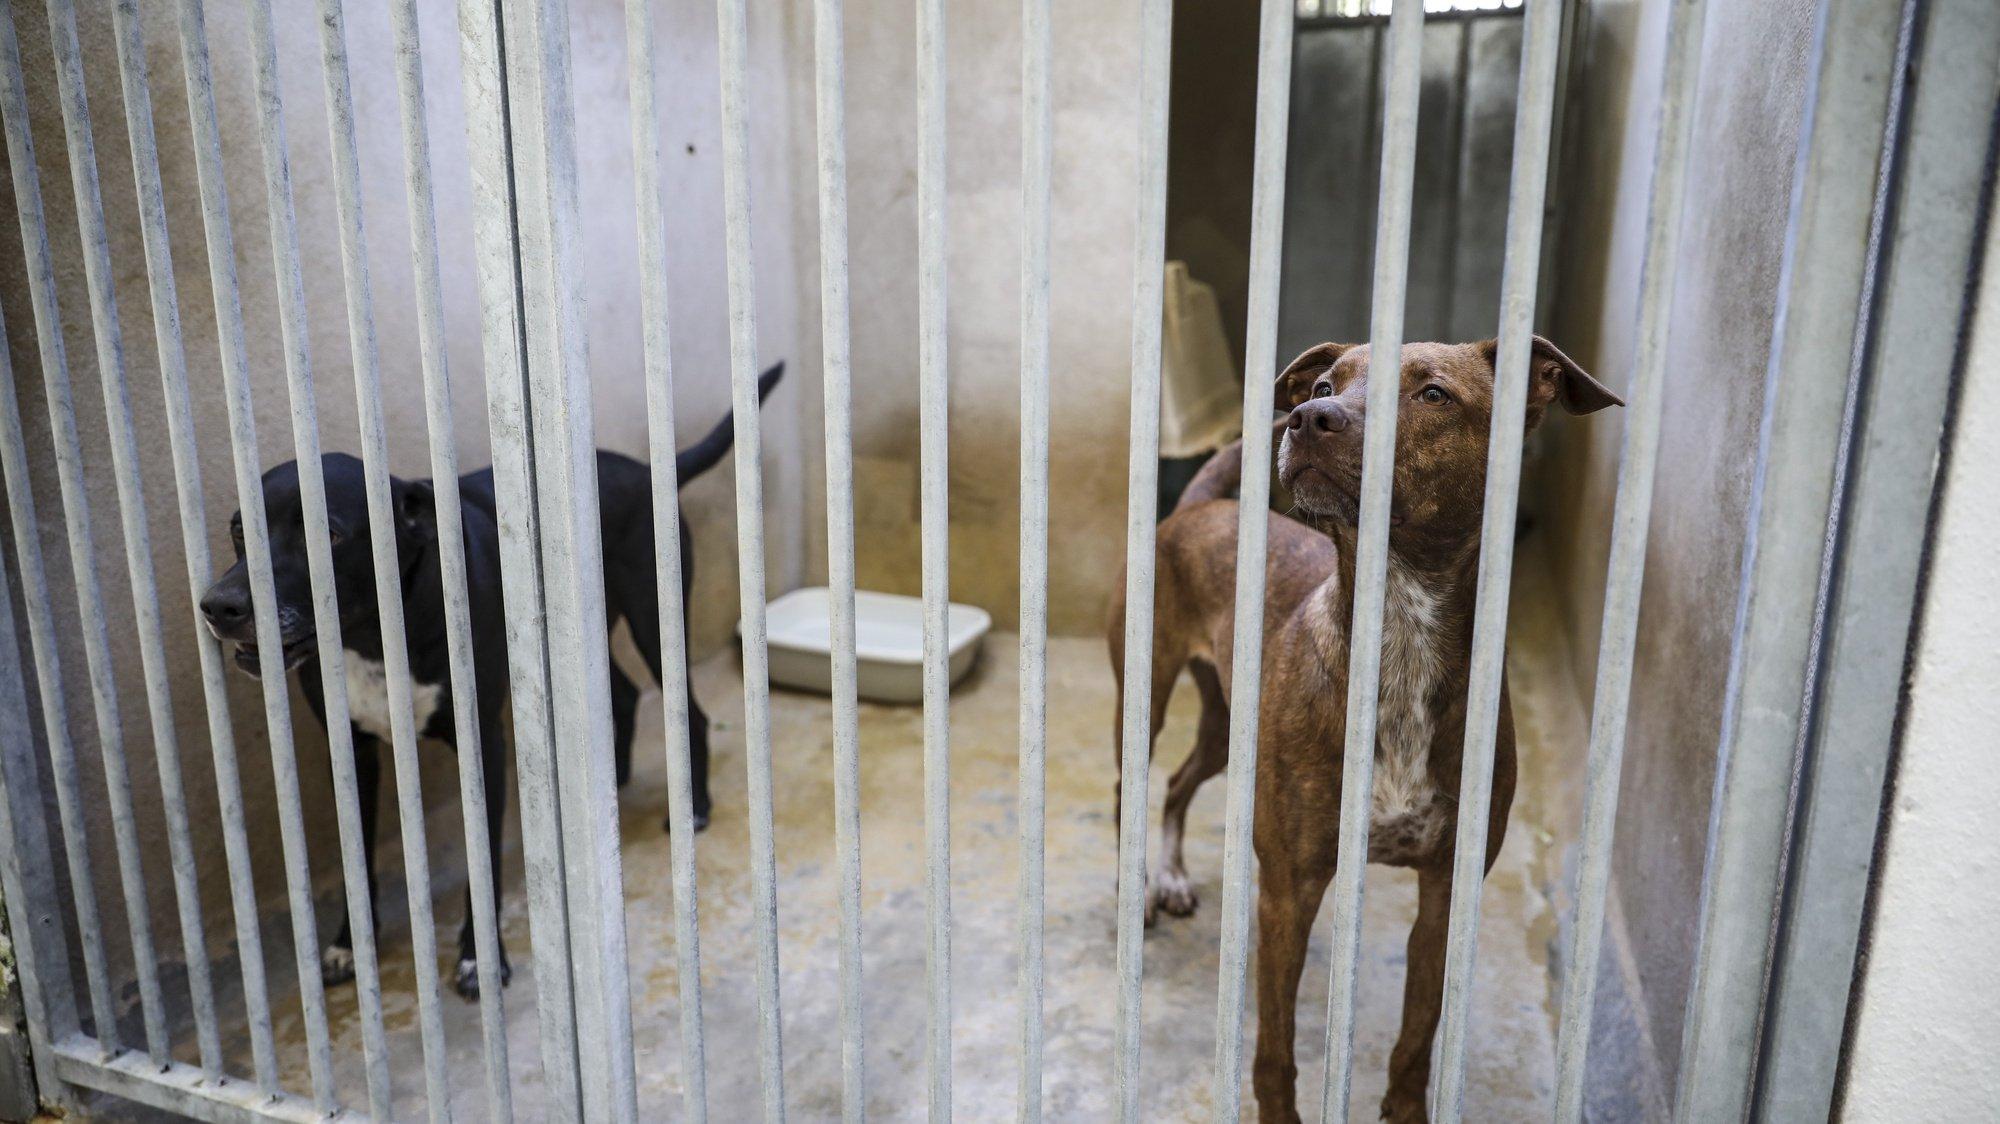 Dois cães na sua gaiola na Casa do Animal da Câmara Municipal de Lisboa, 24 de agosto de 2020. JOSÉ SENA GOULÃO/LUSA